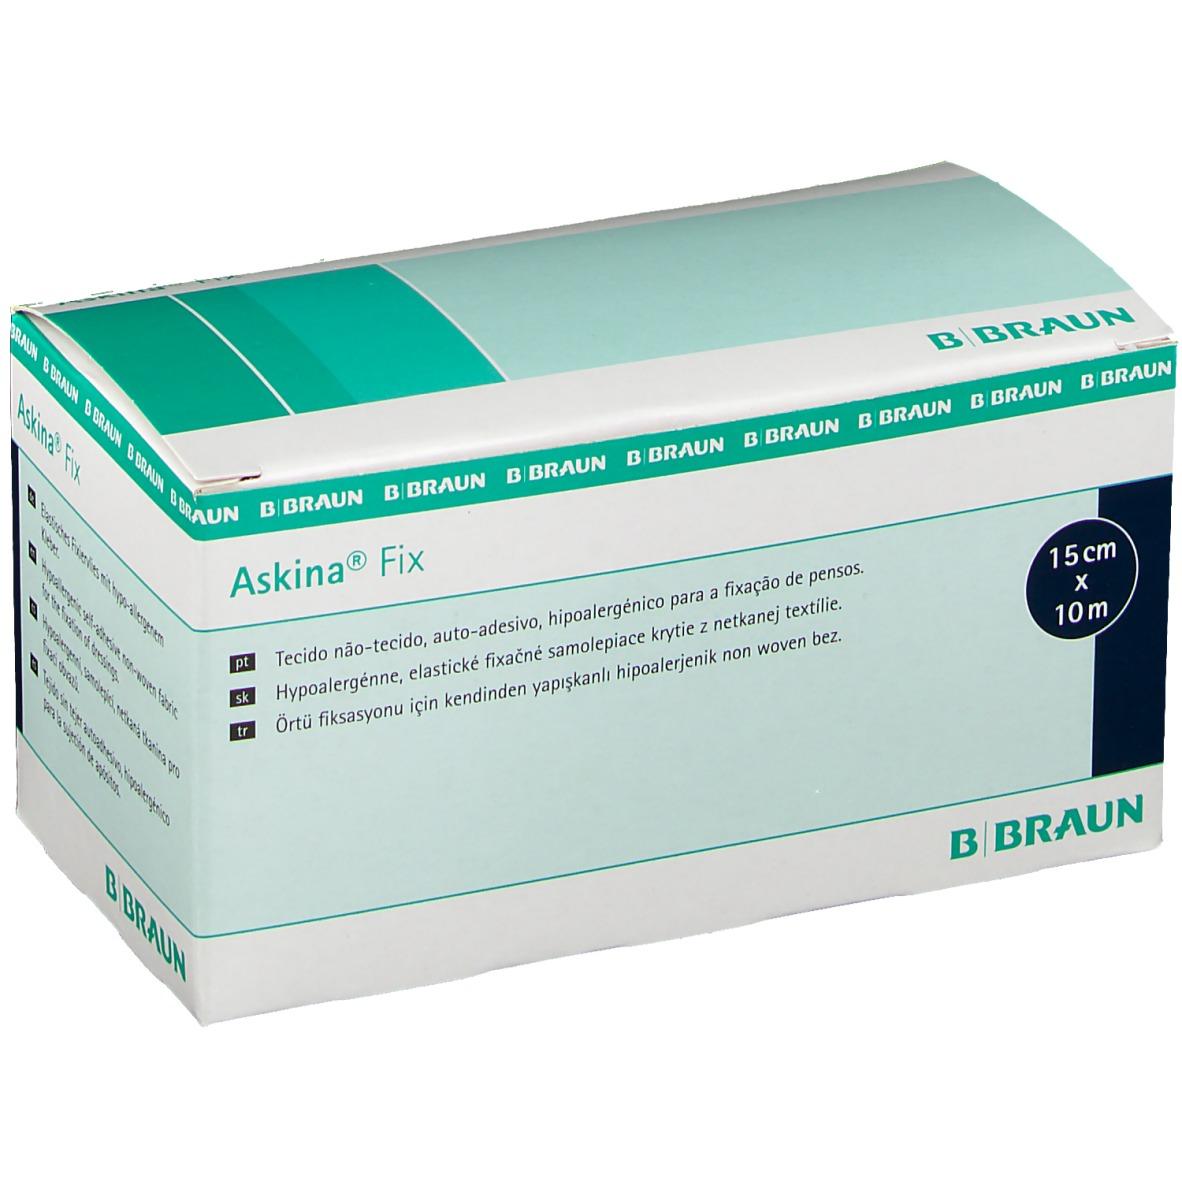 Askina® Fix 15 cm x 10 m